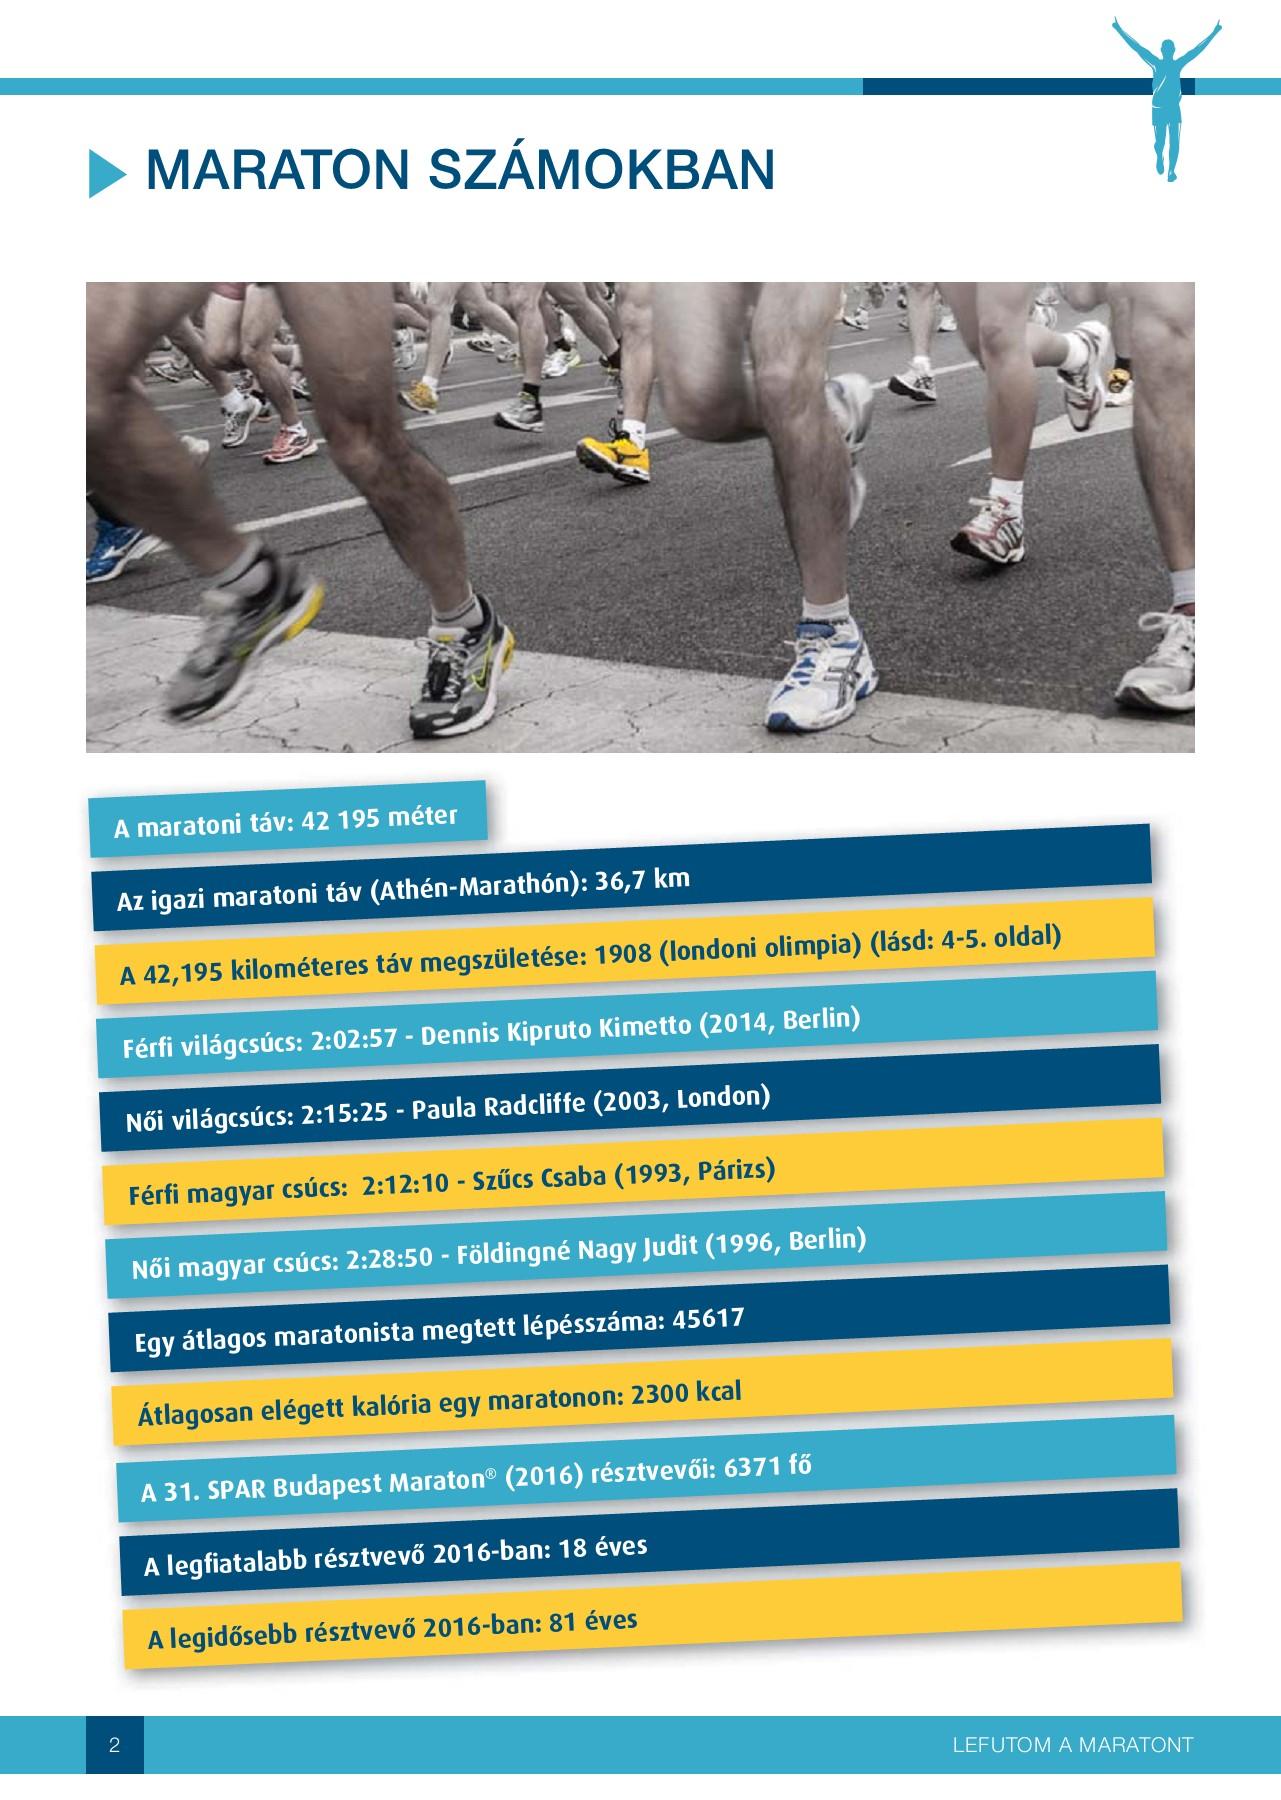 magas vérnyomás esetén a helyszínen fut hogy a magas vérnyomás krónikus betegség-e